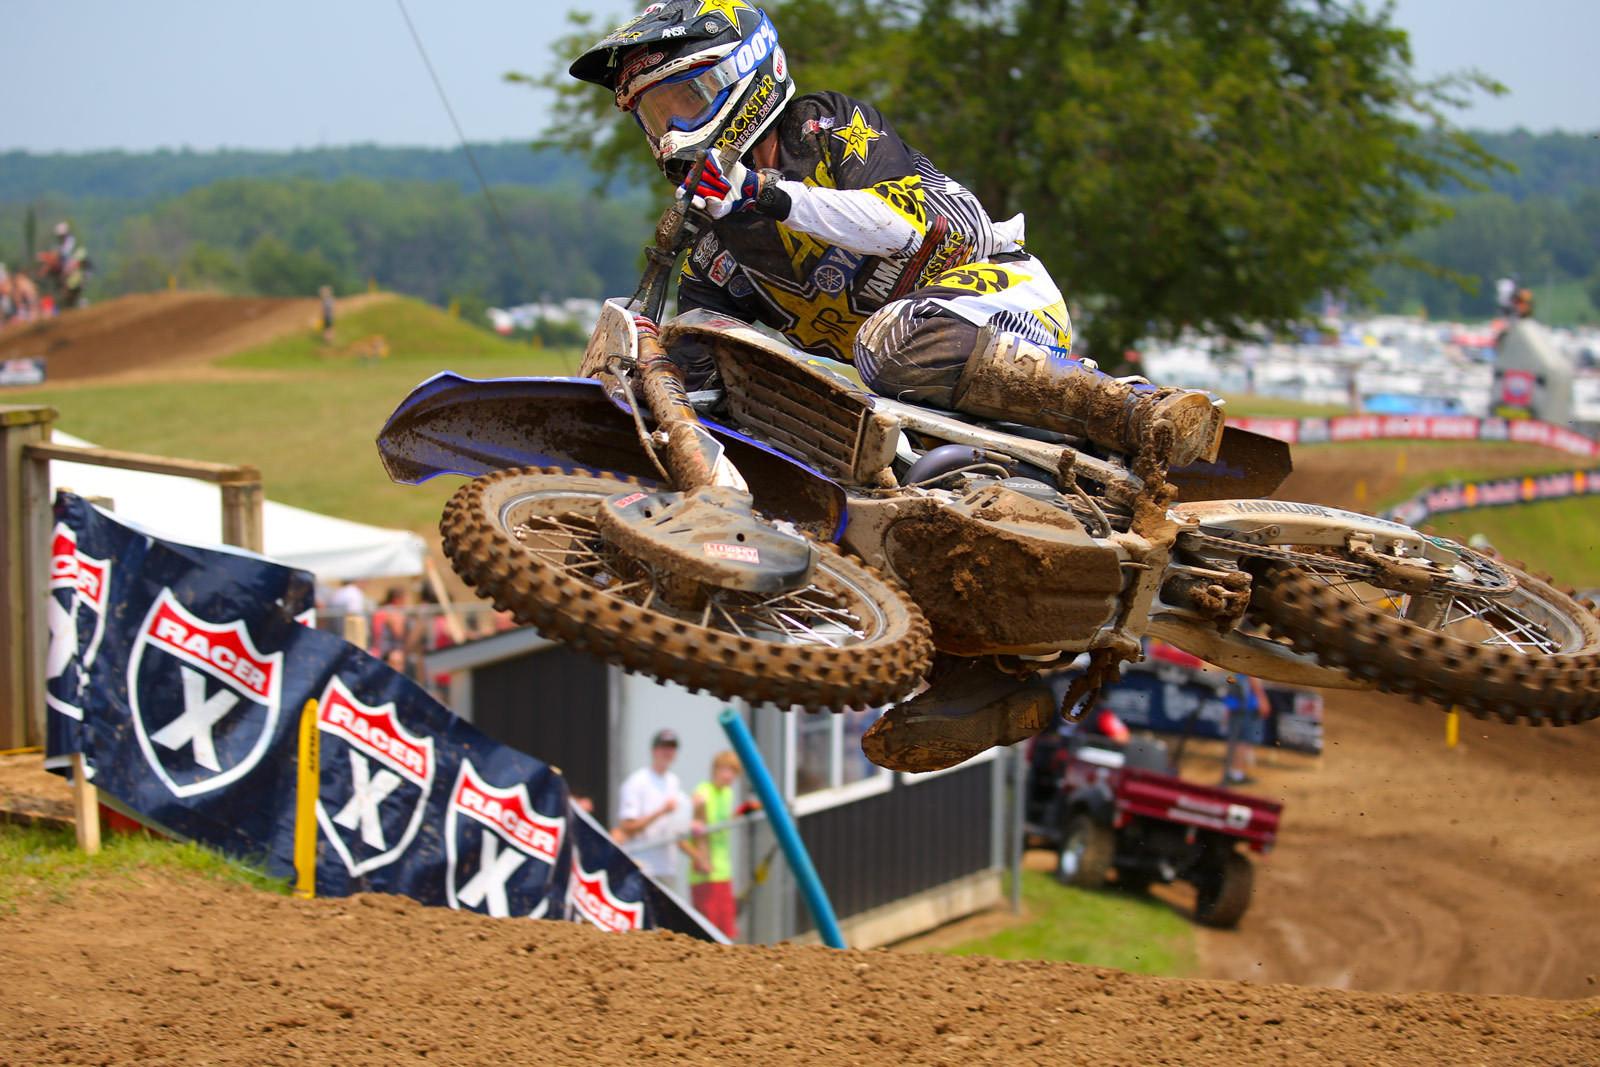 Cooper Webb - Photo Blast: RedBud - Motocross Pictures - Vital MX